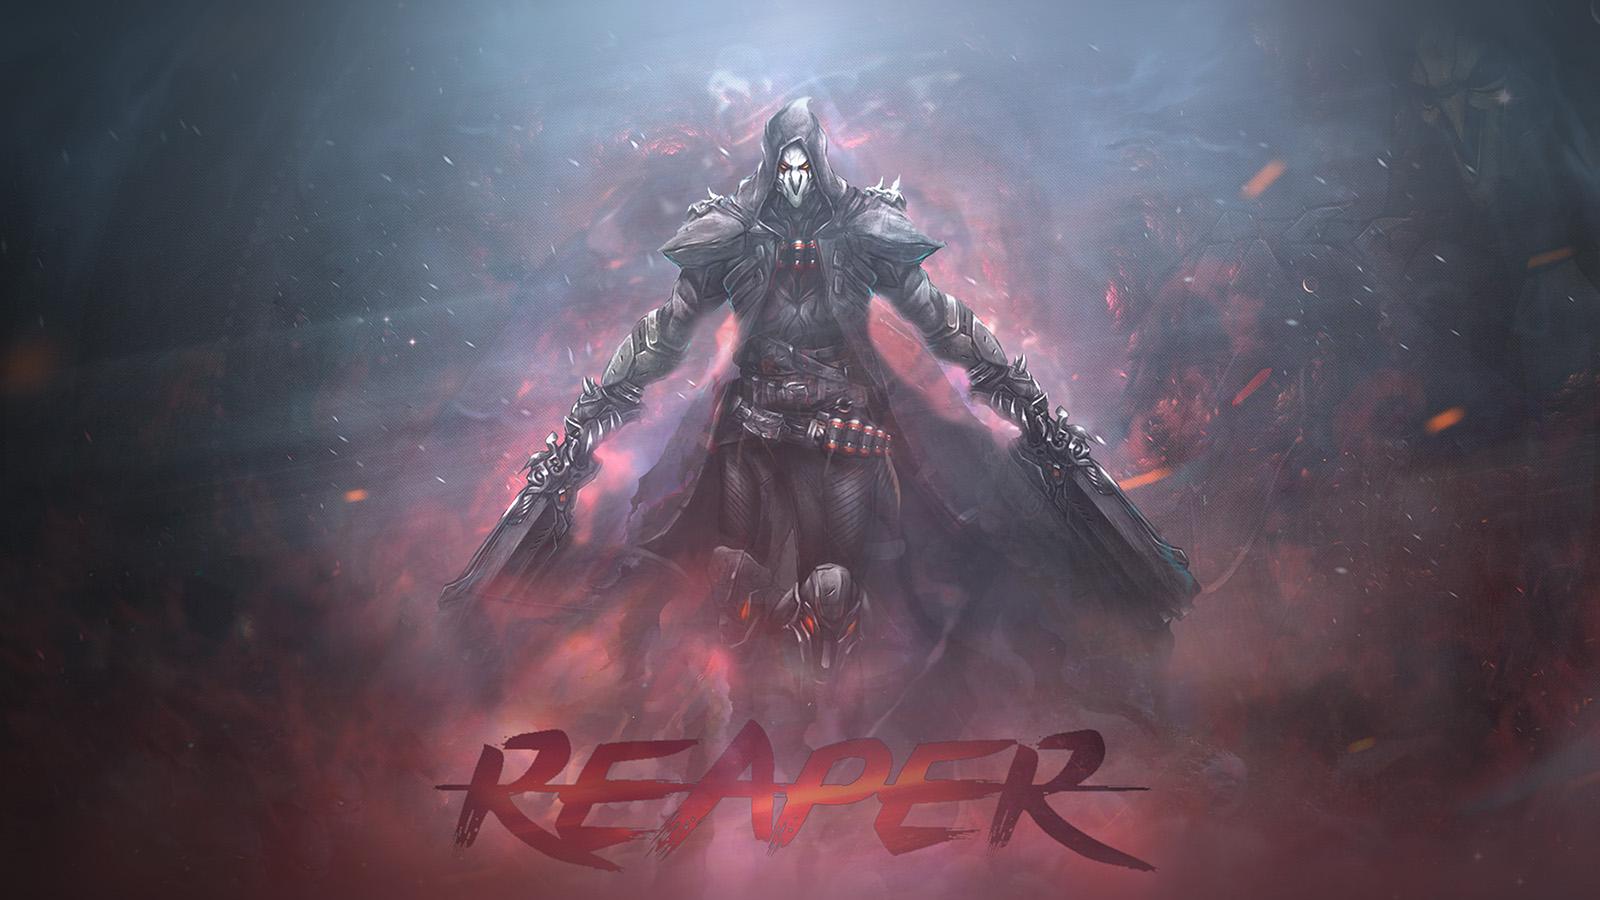 2048x2048 Widowmaker Overwatch Art Ipad Air Hd 4k: Ar99-overwatch-reaper-game-art-illustration-wallpaper